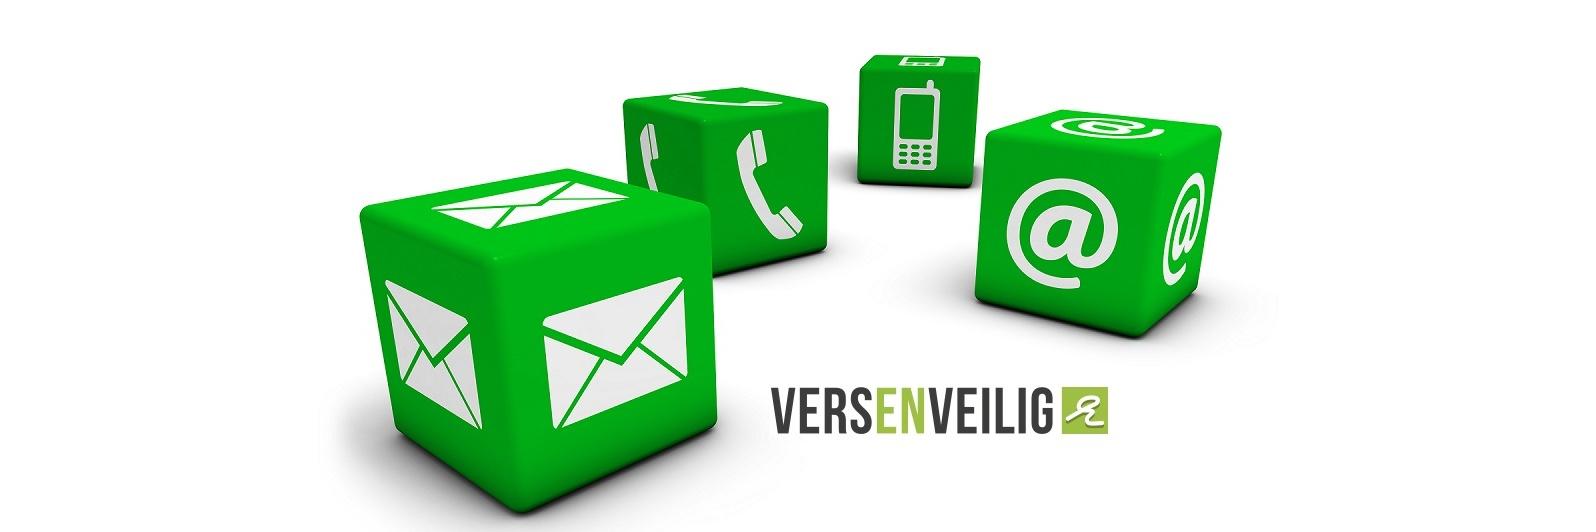 Vers En Veilig Contact Telefoon Email Website Adres Service Klantenservice